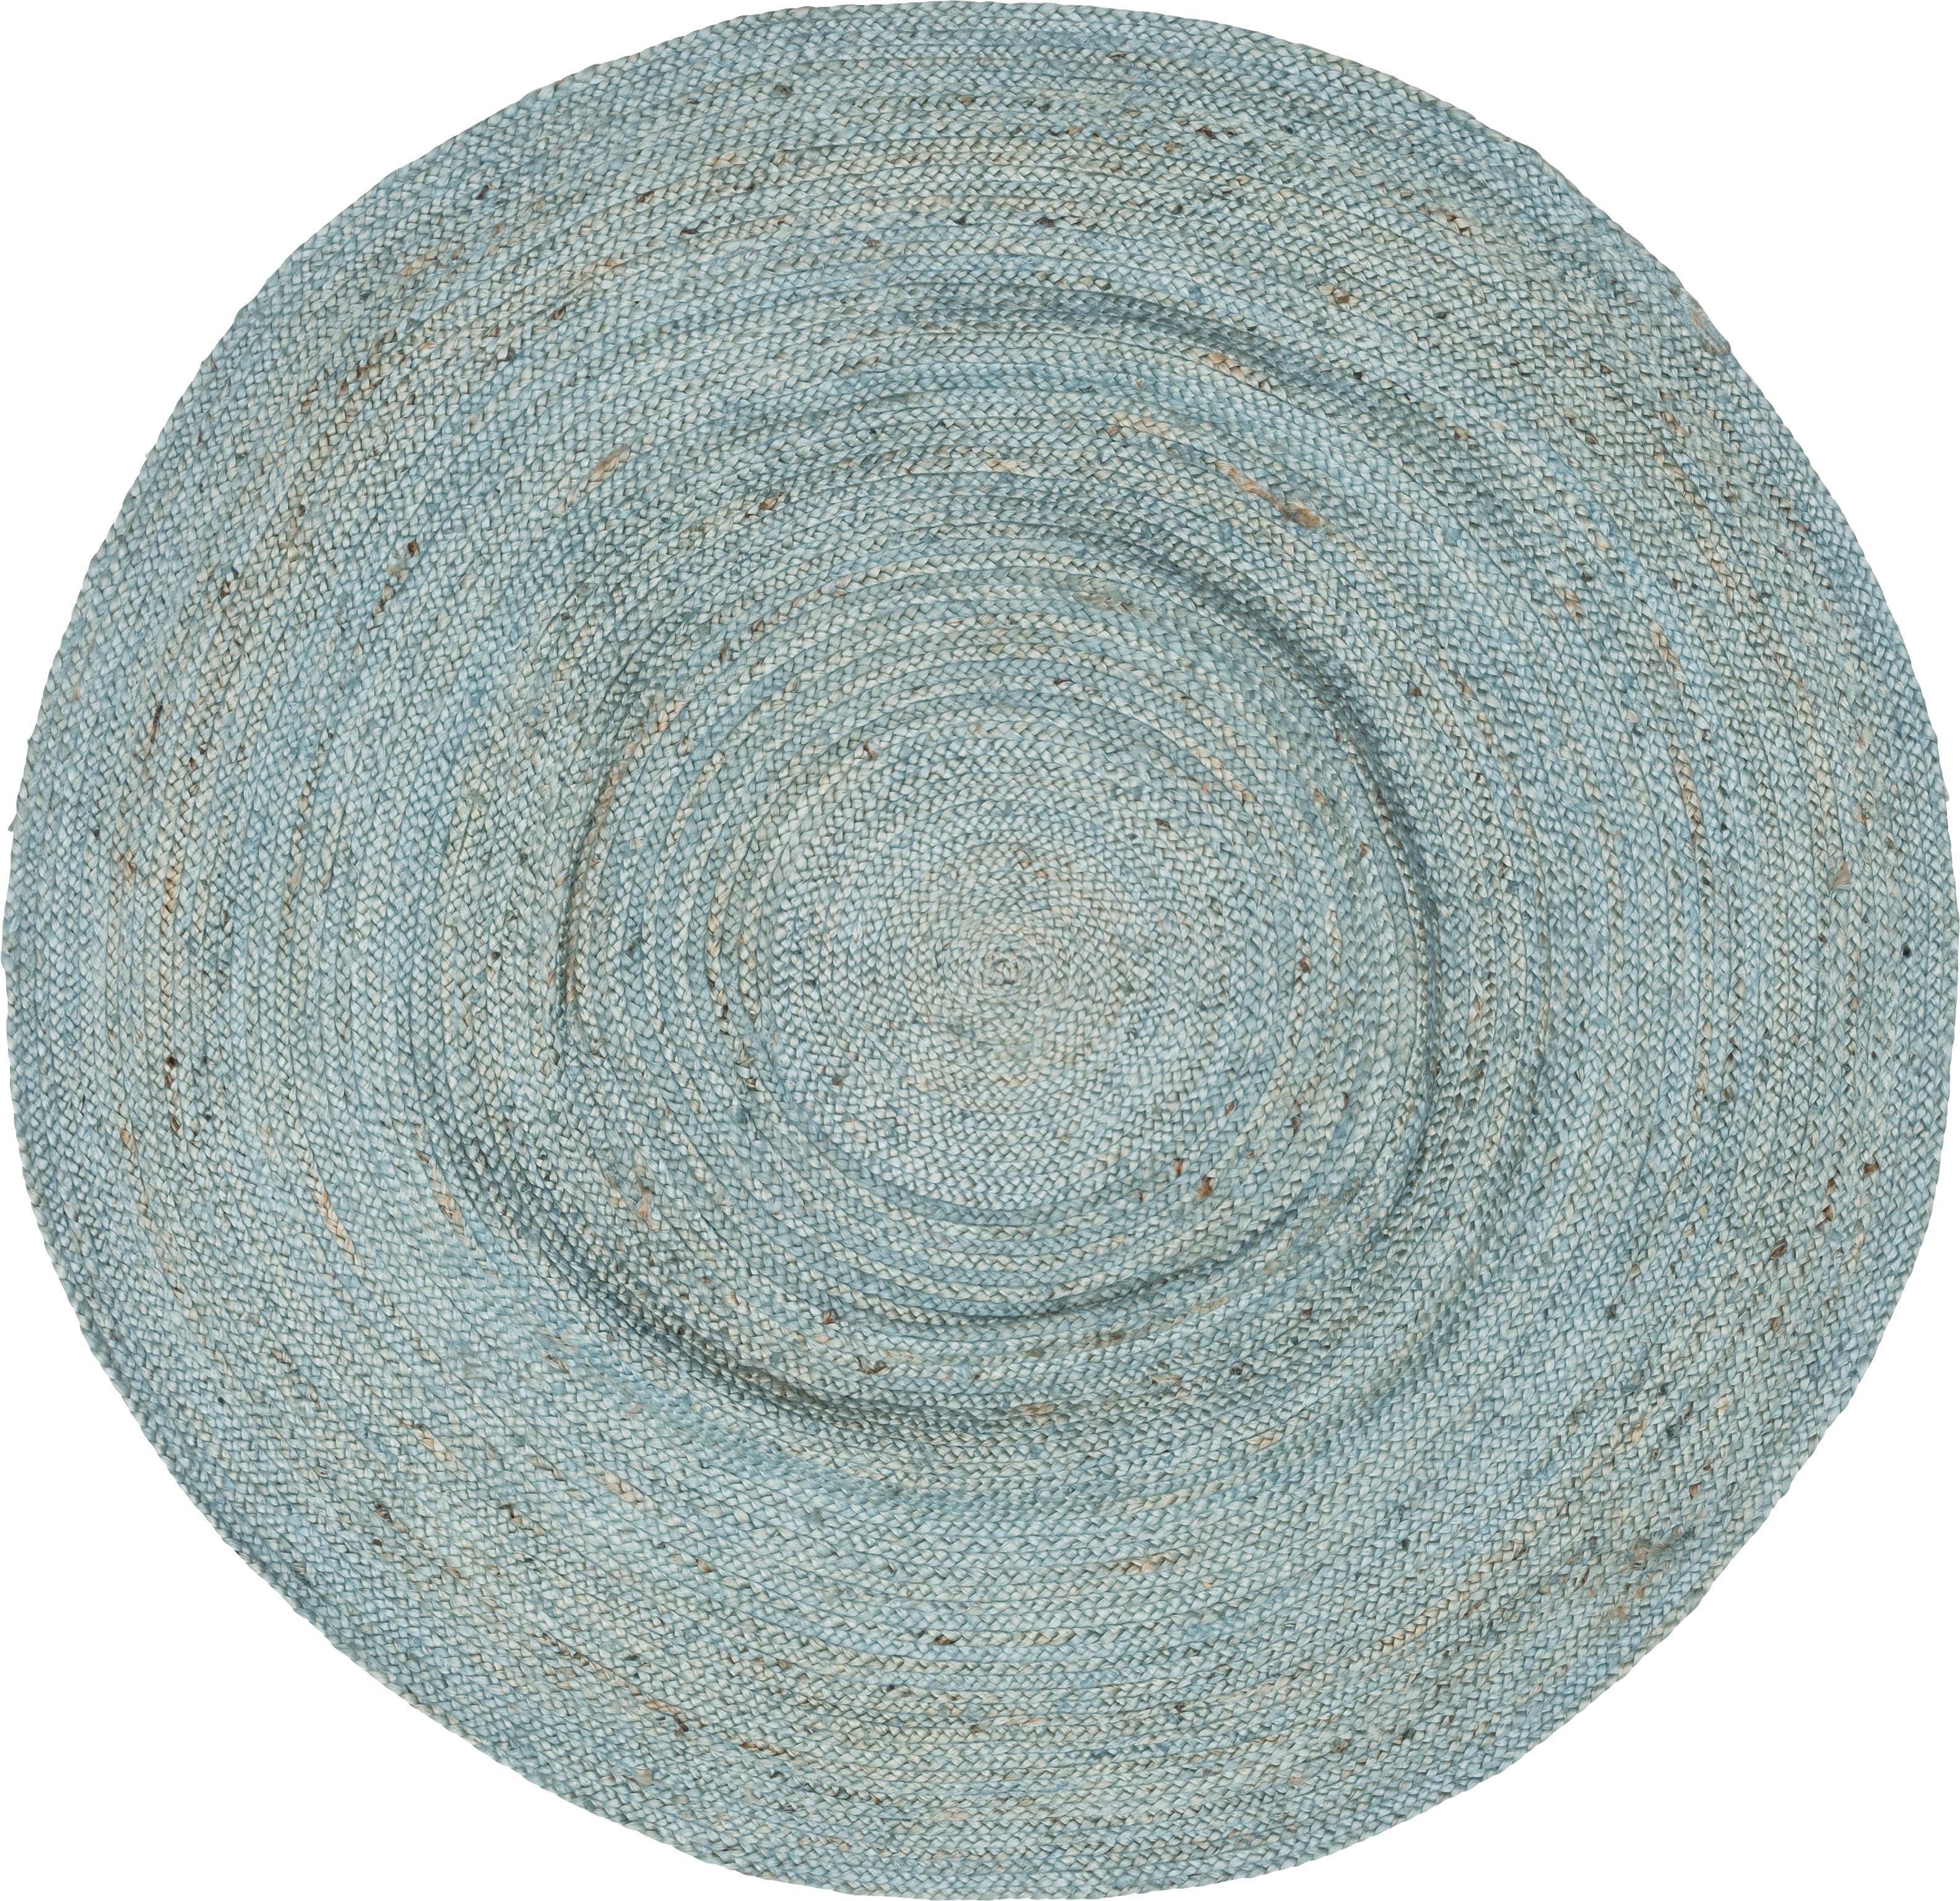 Runder Jute-Teppich Pampas in Hellblau, 100% Jute, Hellblau, Ø 150 cm (Größe M)